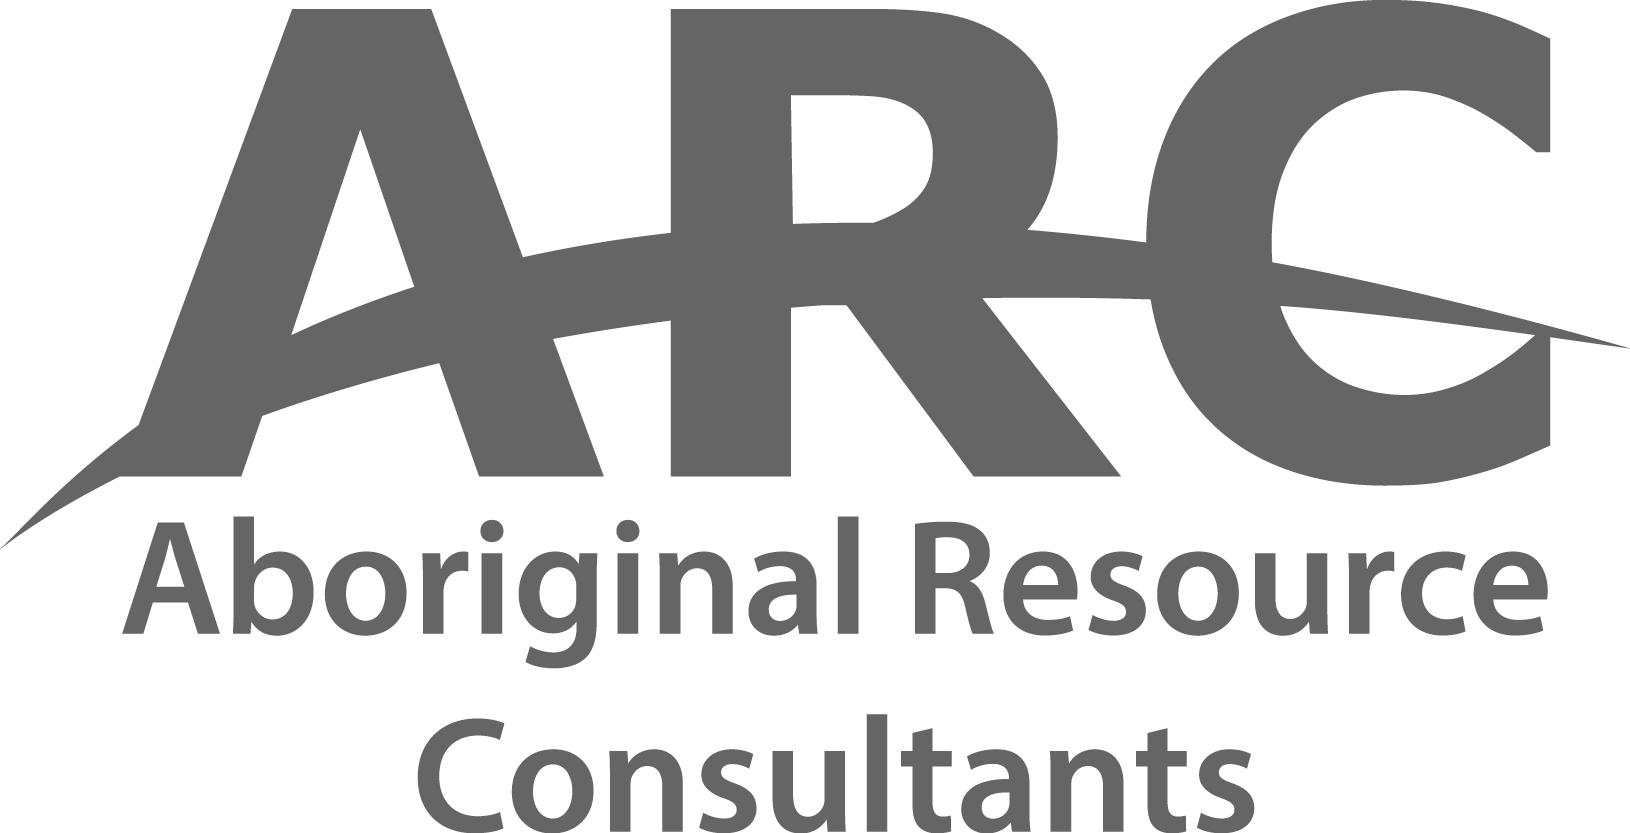 Aboriginal Resource Consultants